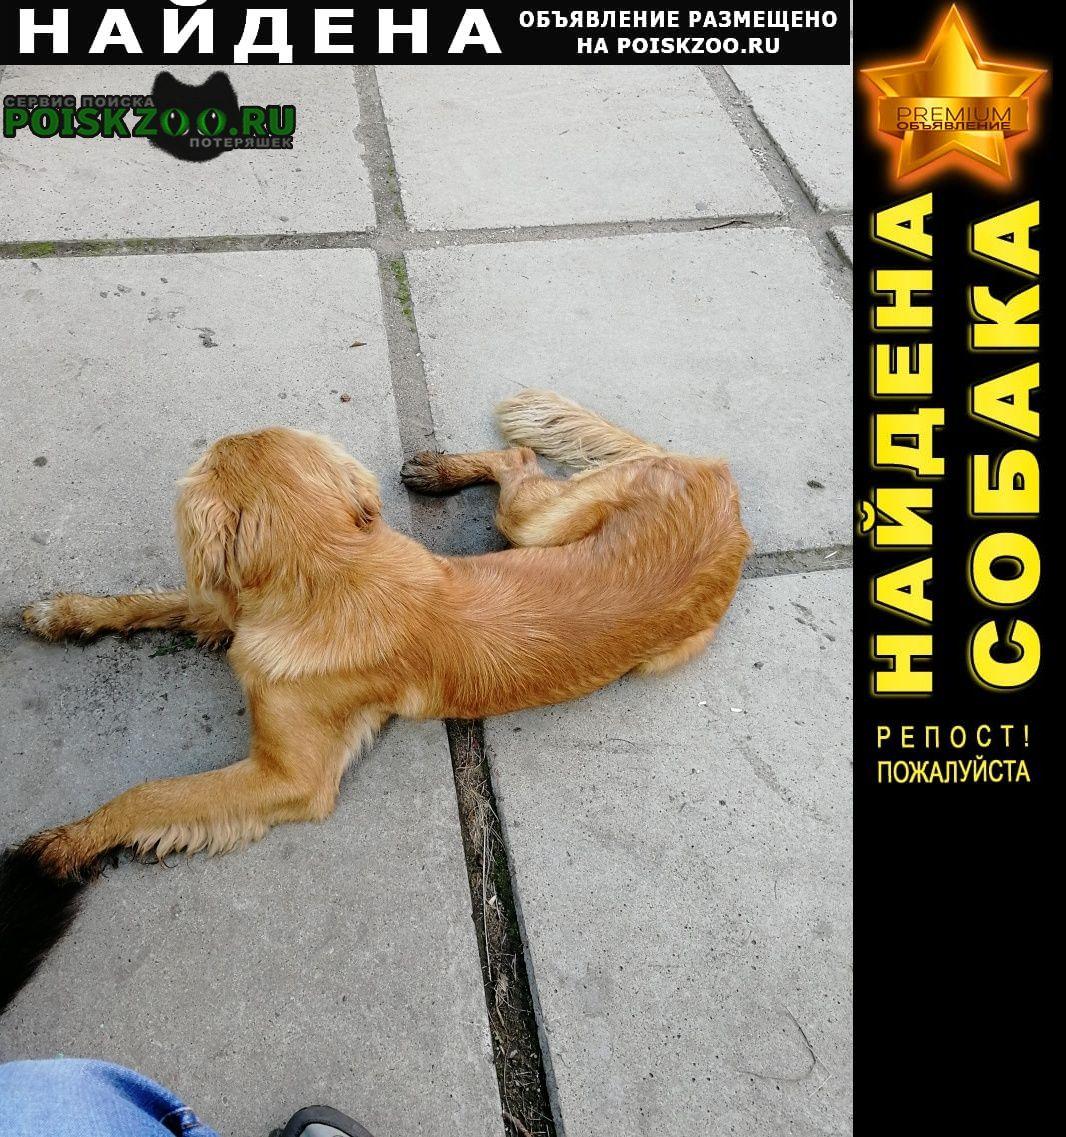 Найдена собака потеряшка кобель Иркутск